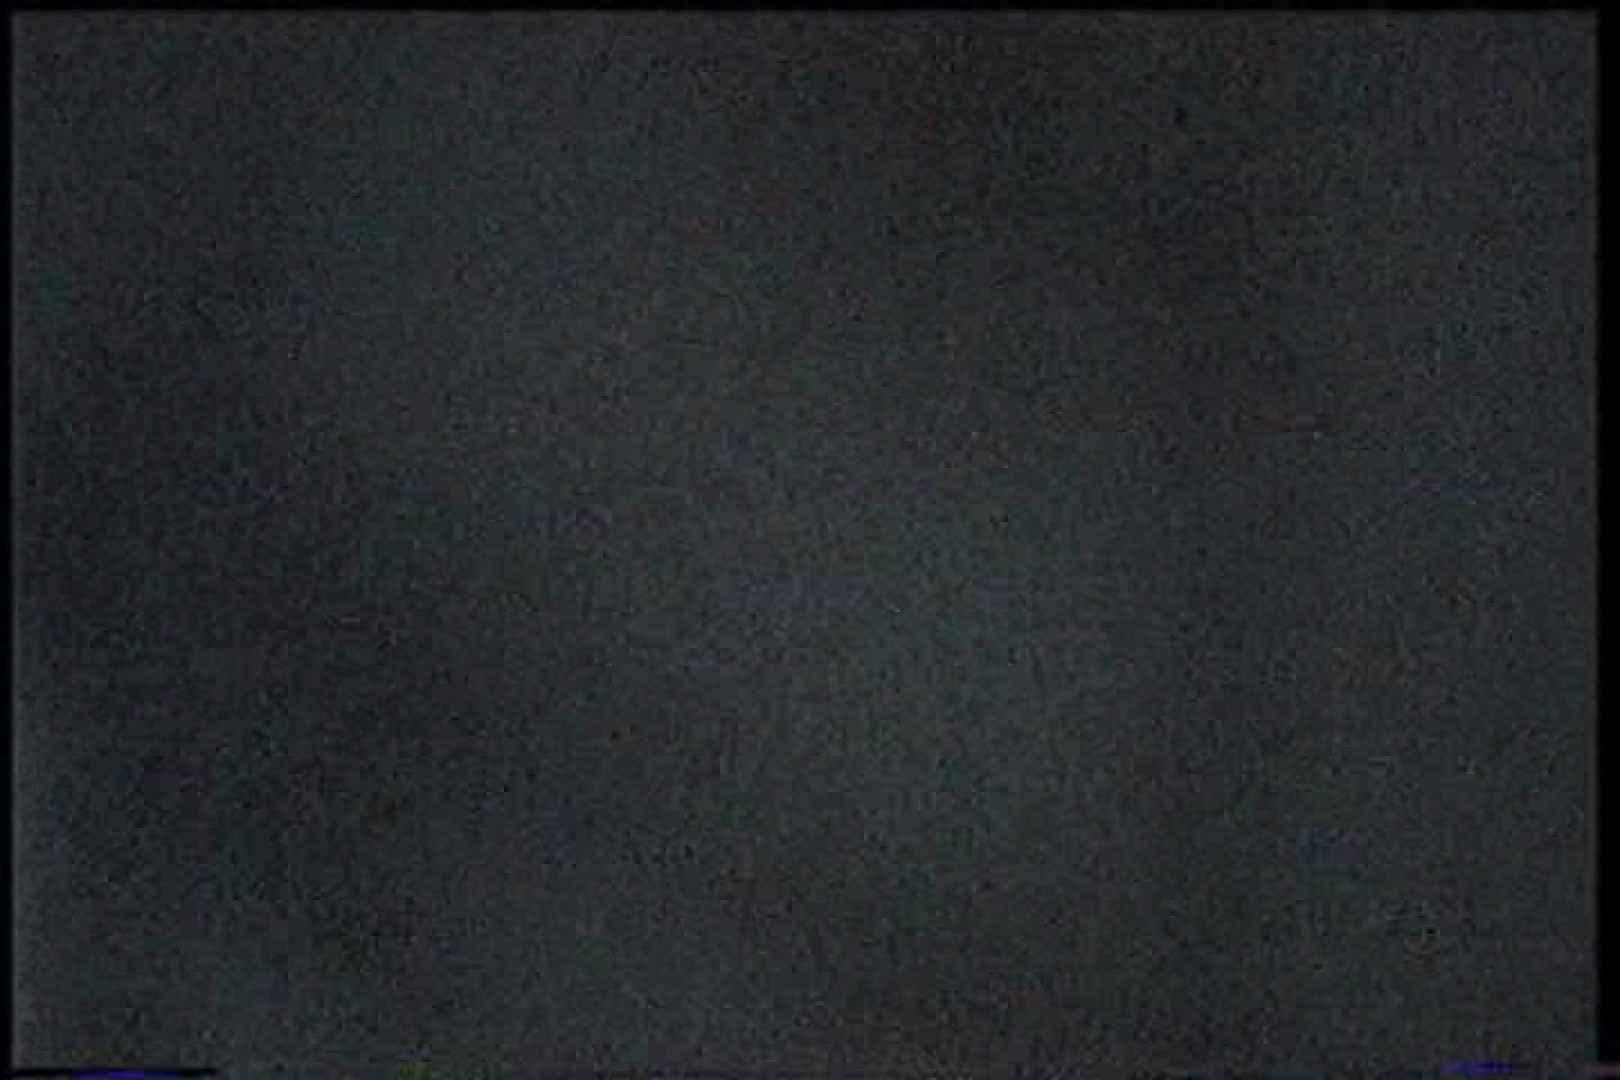 「充血監督」さんの深夜の運動会!! vol.185 フェラ動画 オマンコ無修正動画無料 71画像 38